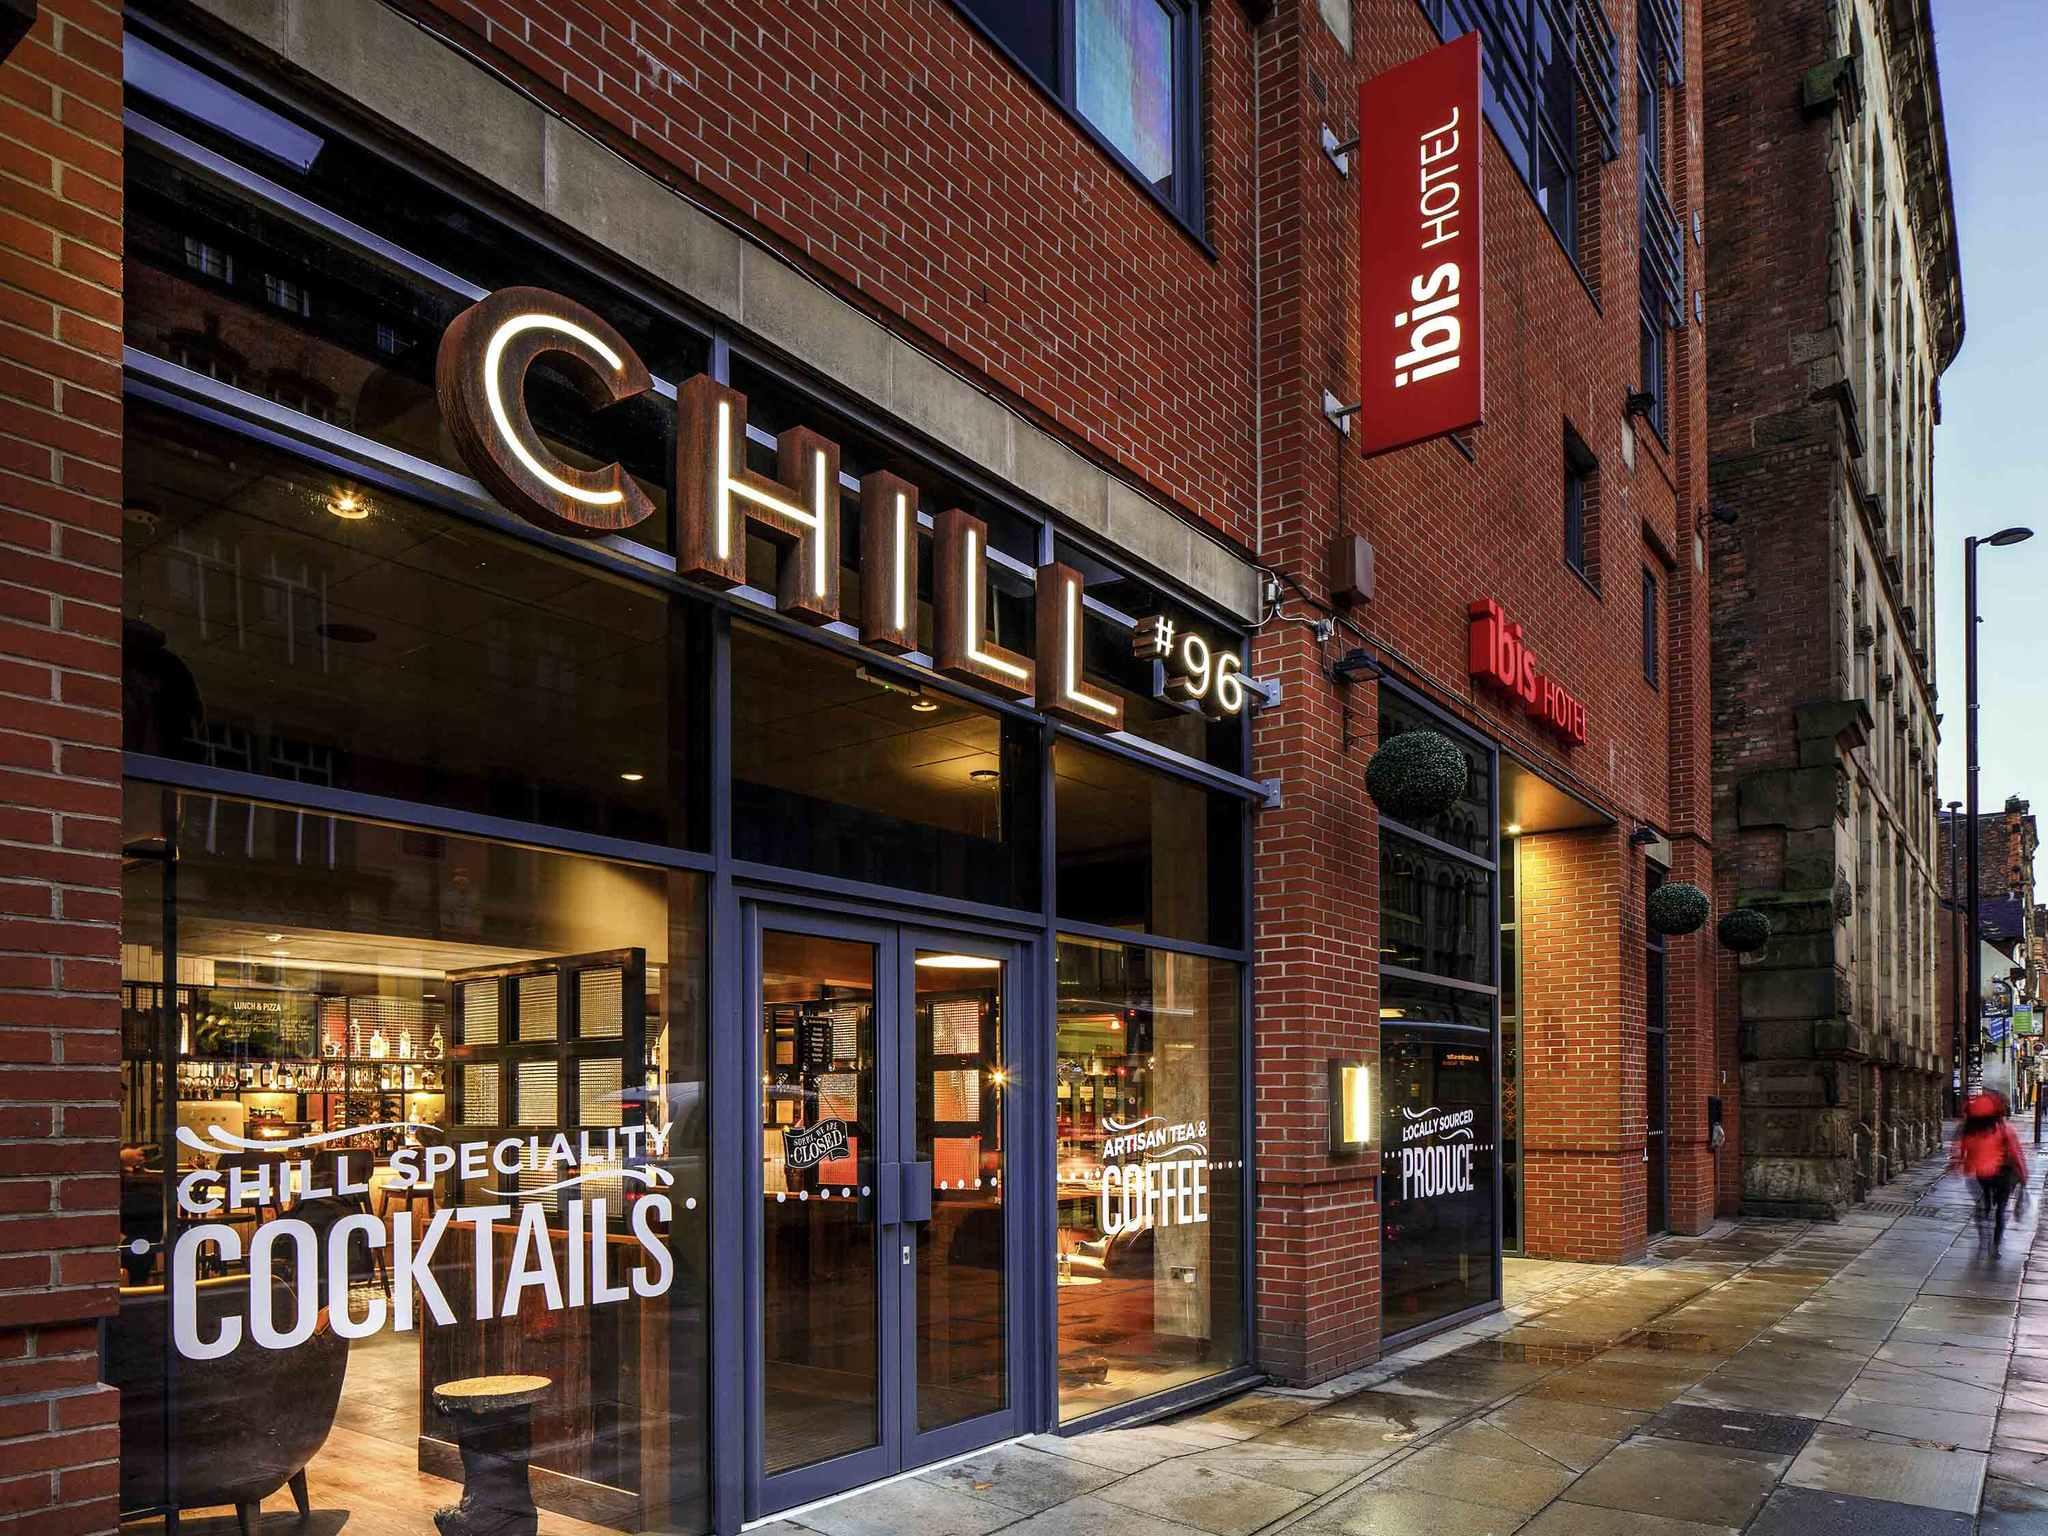 فندق - ibis Manchester Centre 96 Portland Street (new ibis rooms)